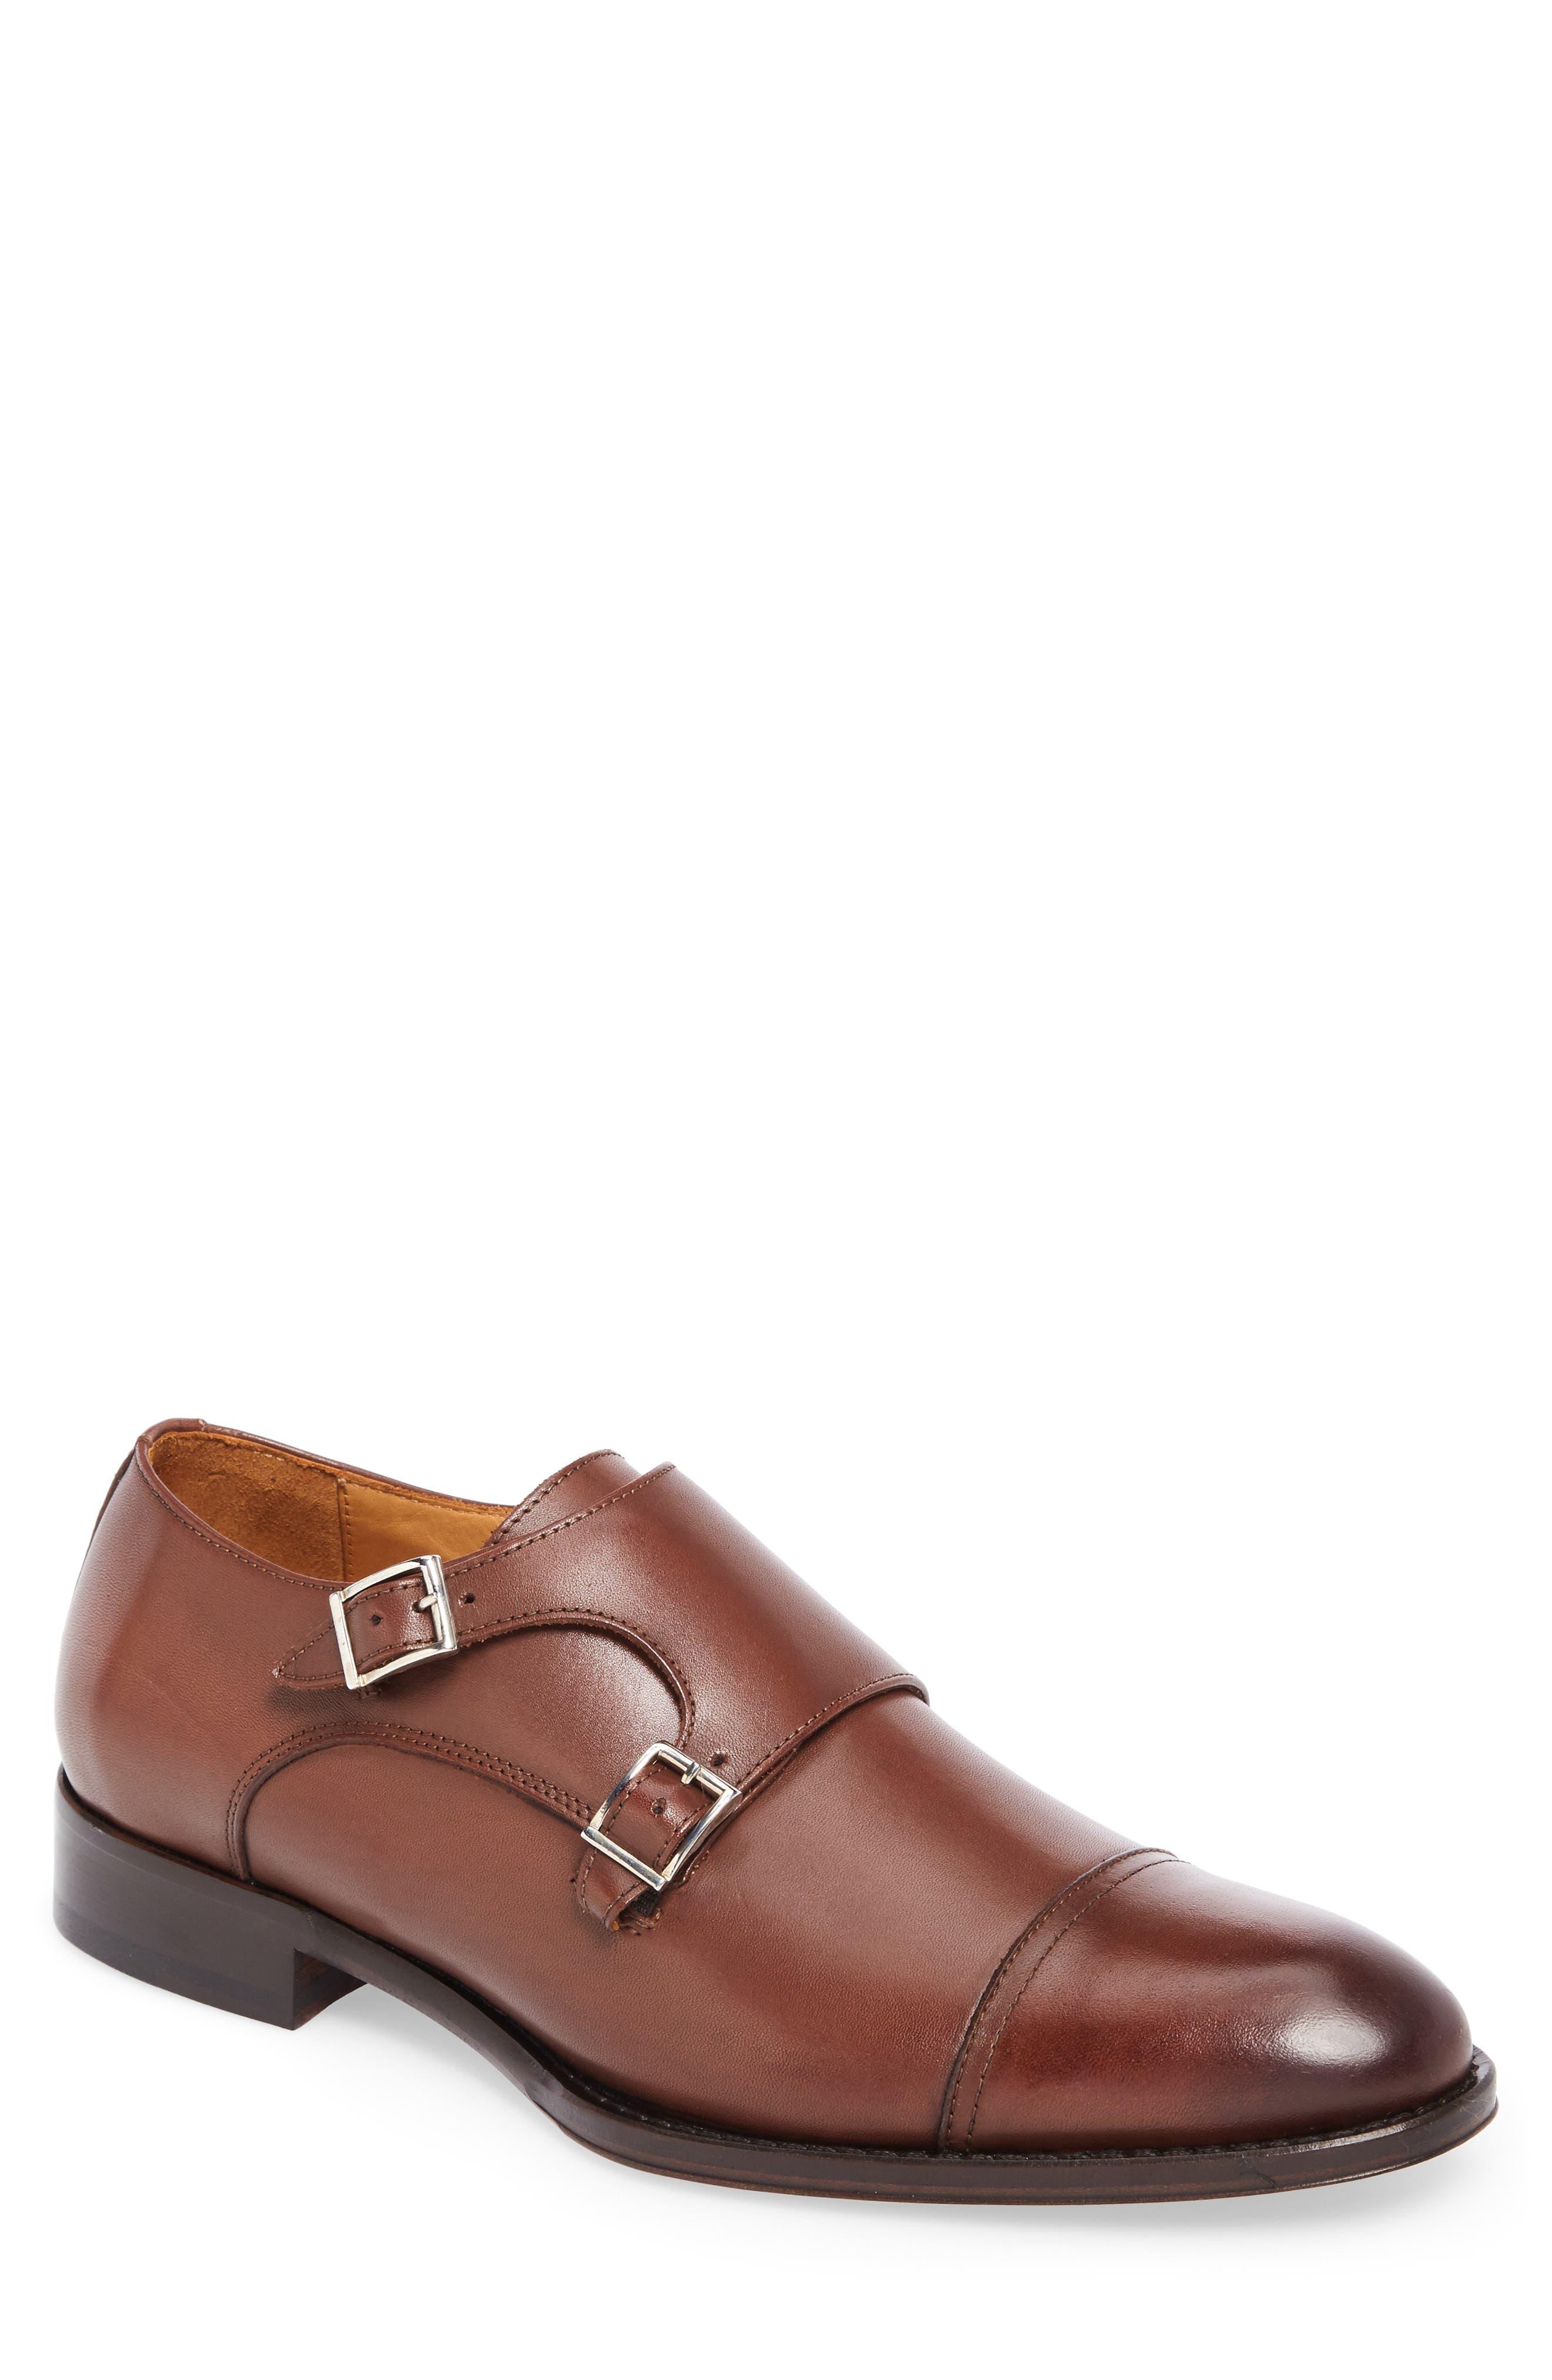 John W. Nordstrom® Stratton Double Monk Strap Shoe (Men)